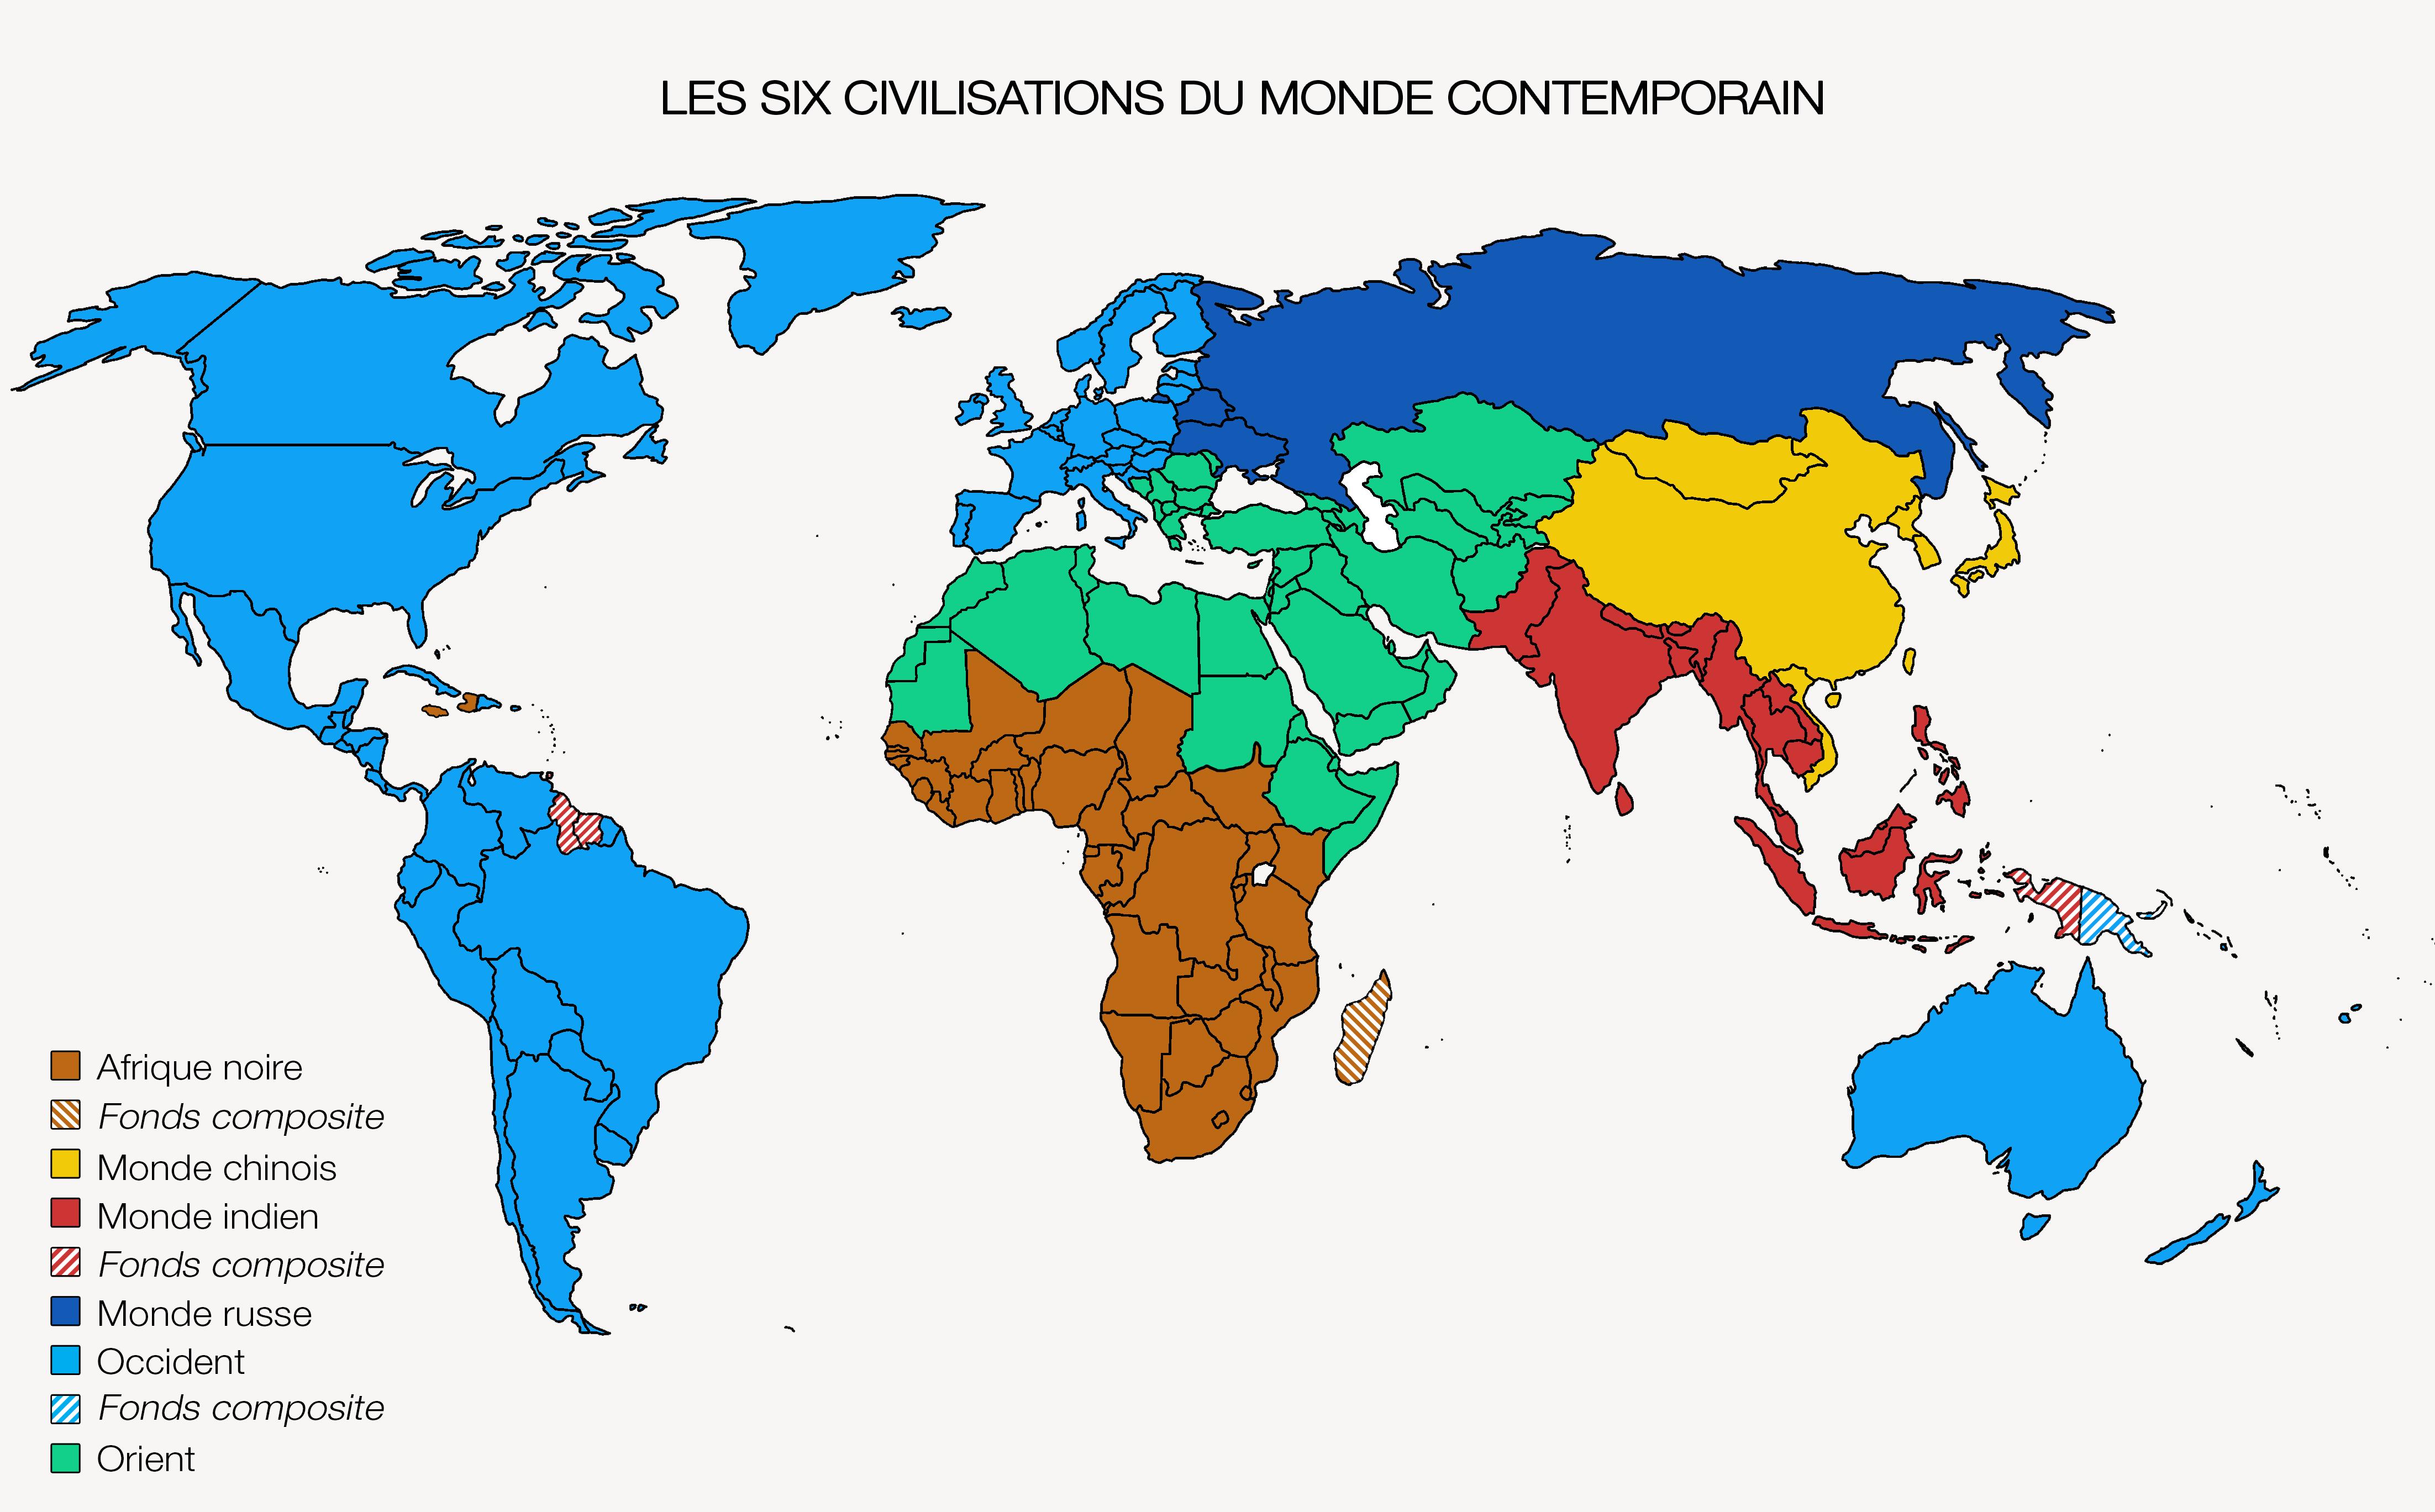 le monde occidental